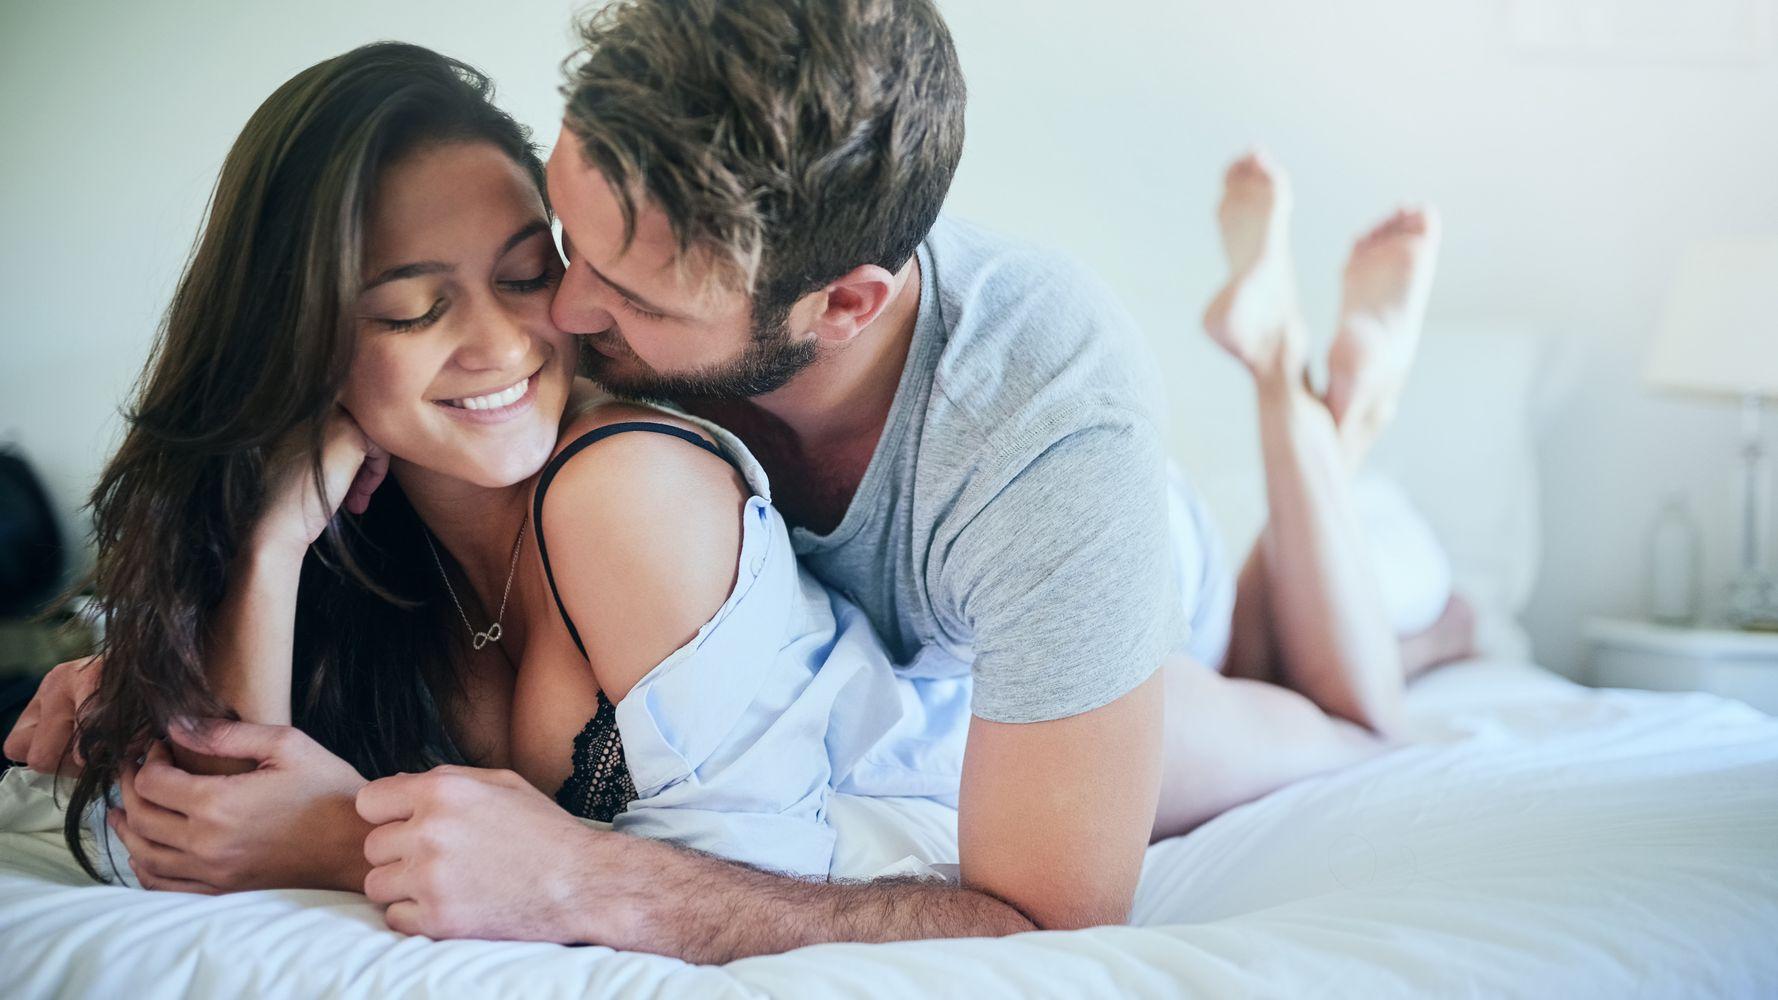 Лживые фразы, используемые мужчинами, чтобы затащить девушку в постель